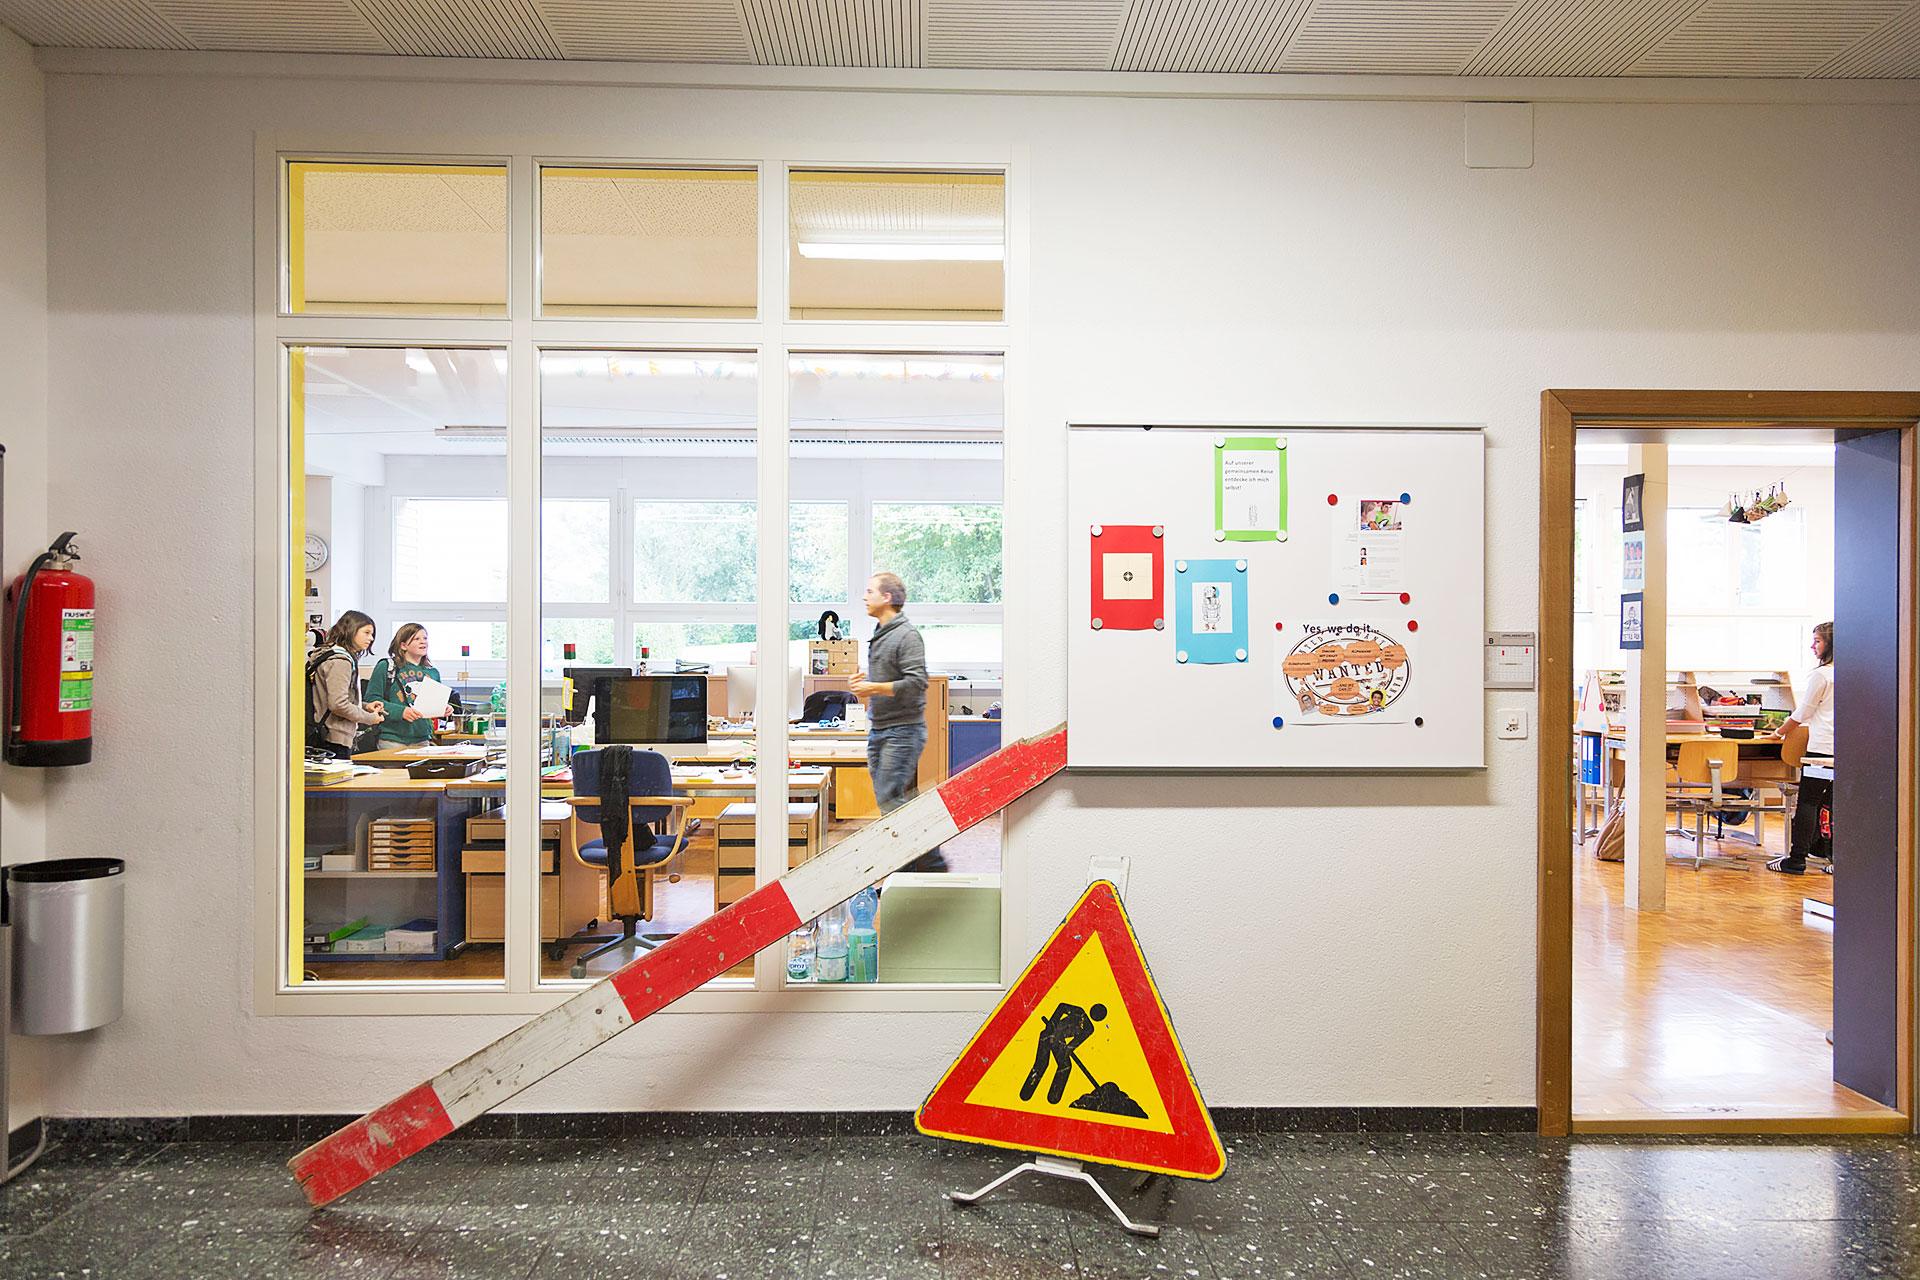 auf dem Schulkorridor steht ein Baustellen-Verkehrsschild